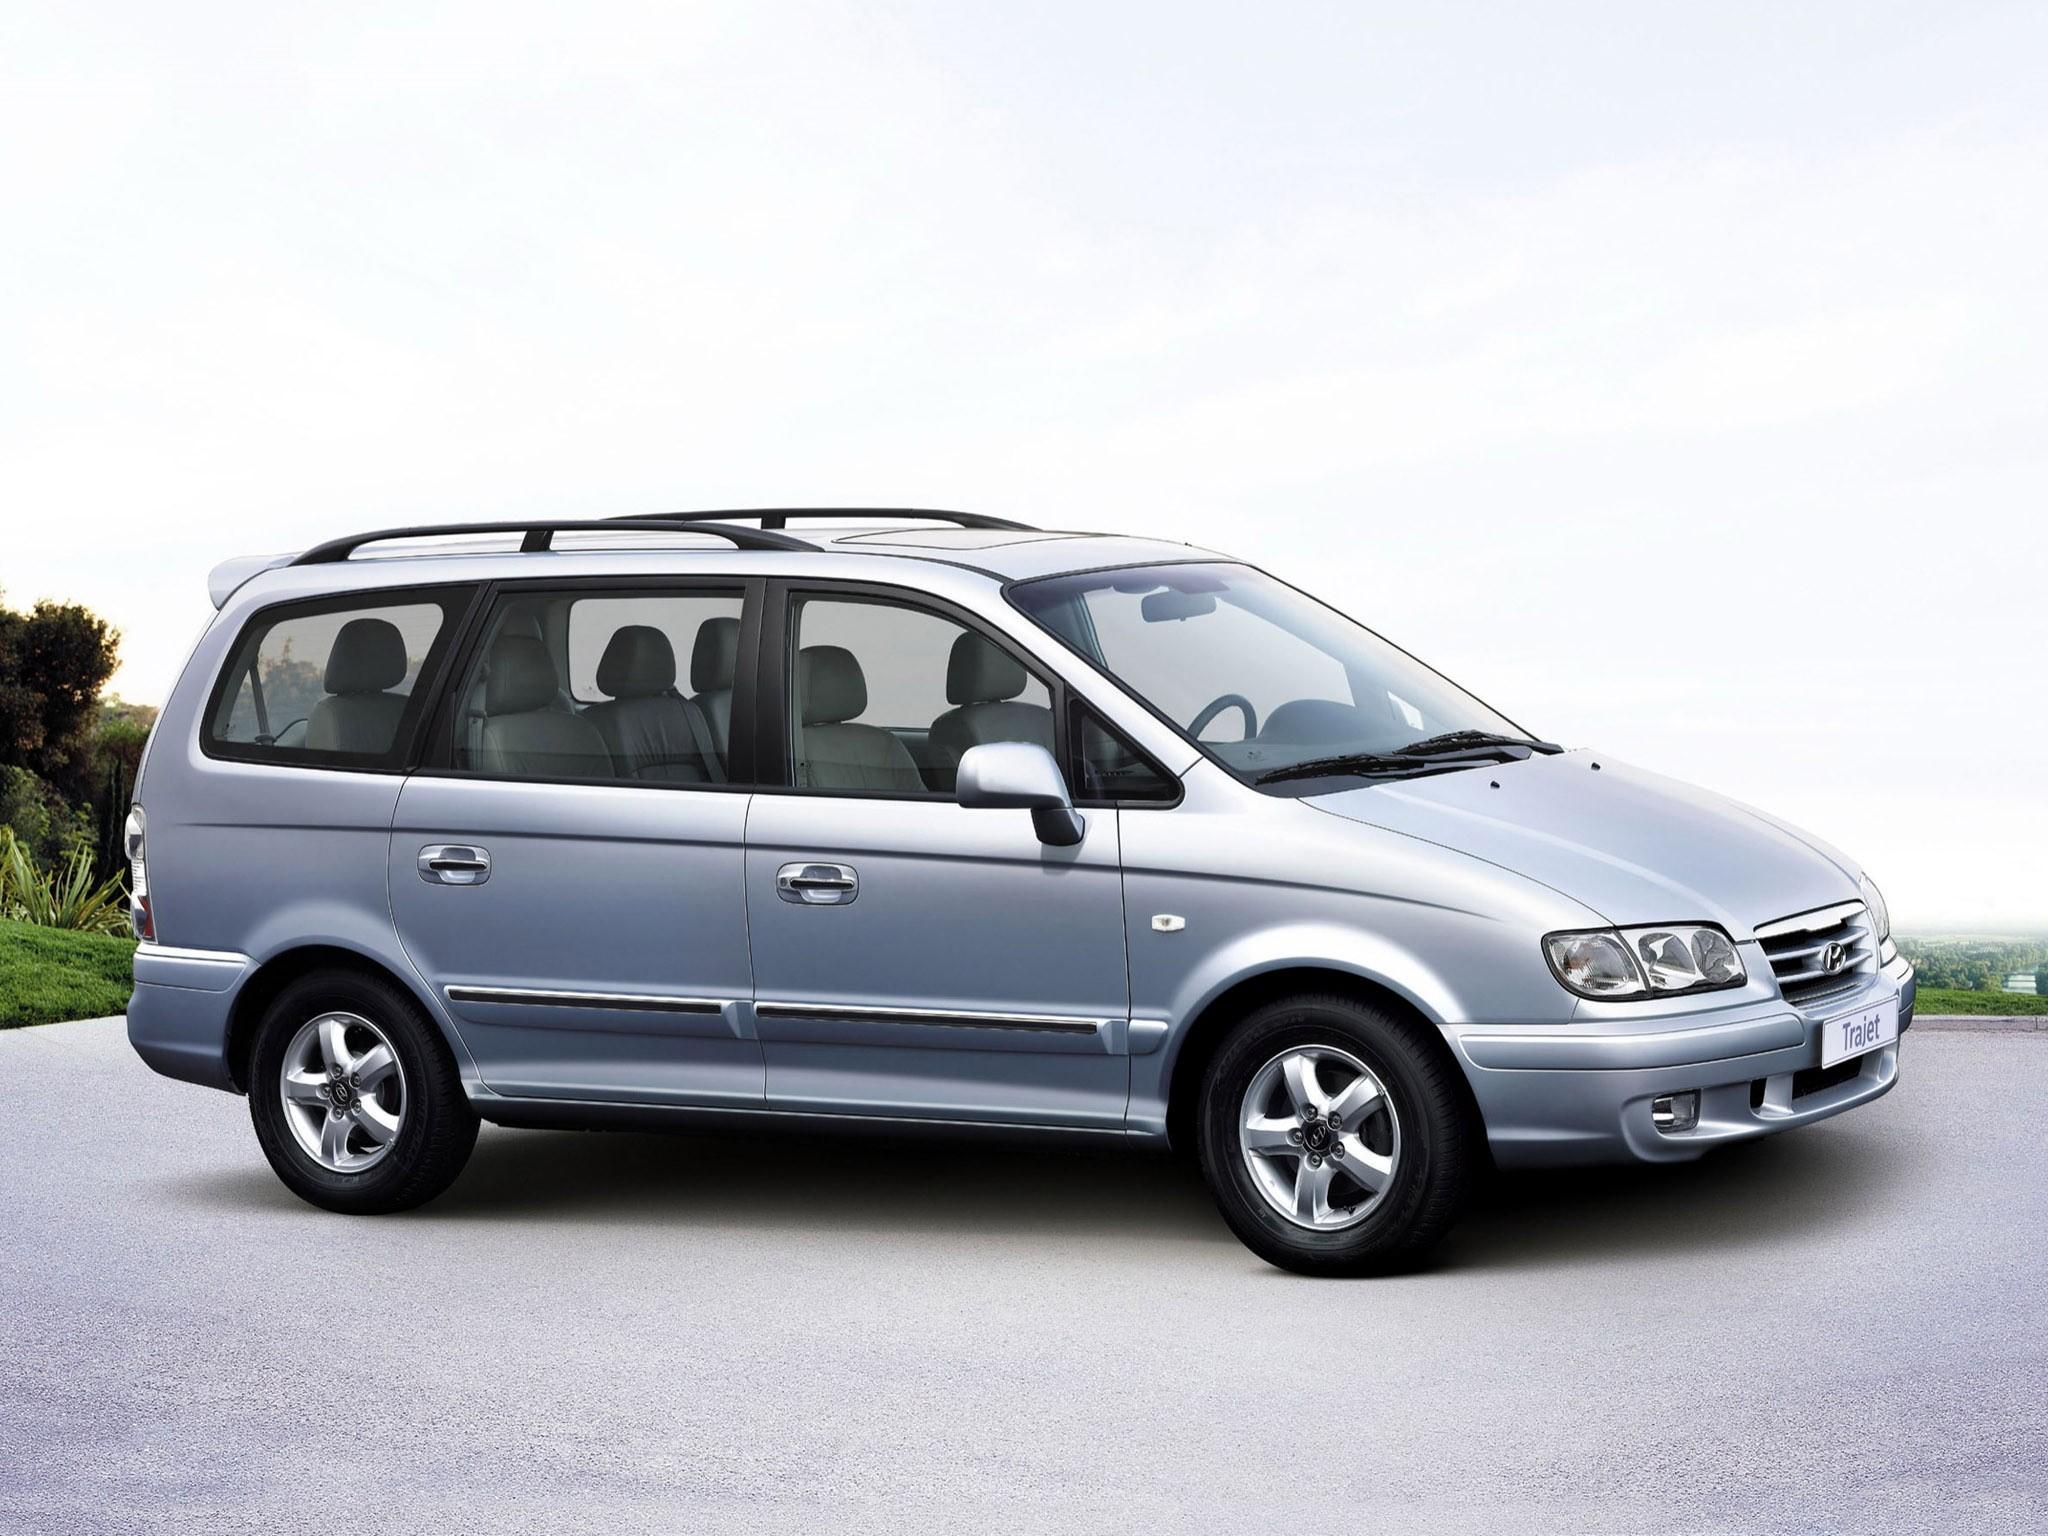 2005 Hyundai Trajet